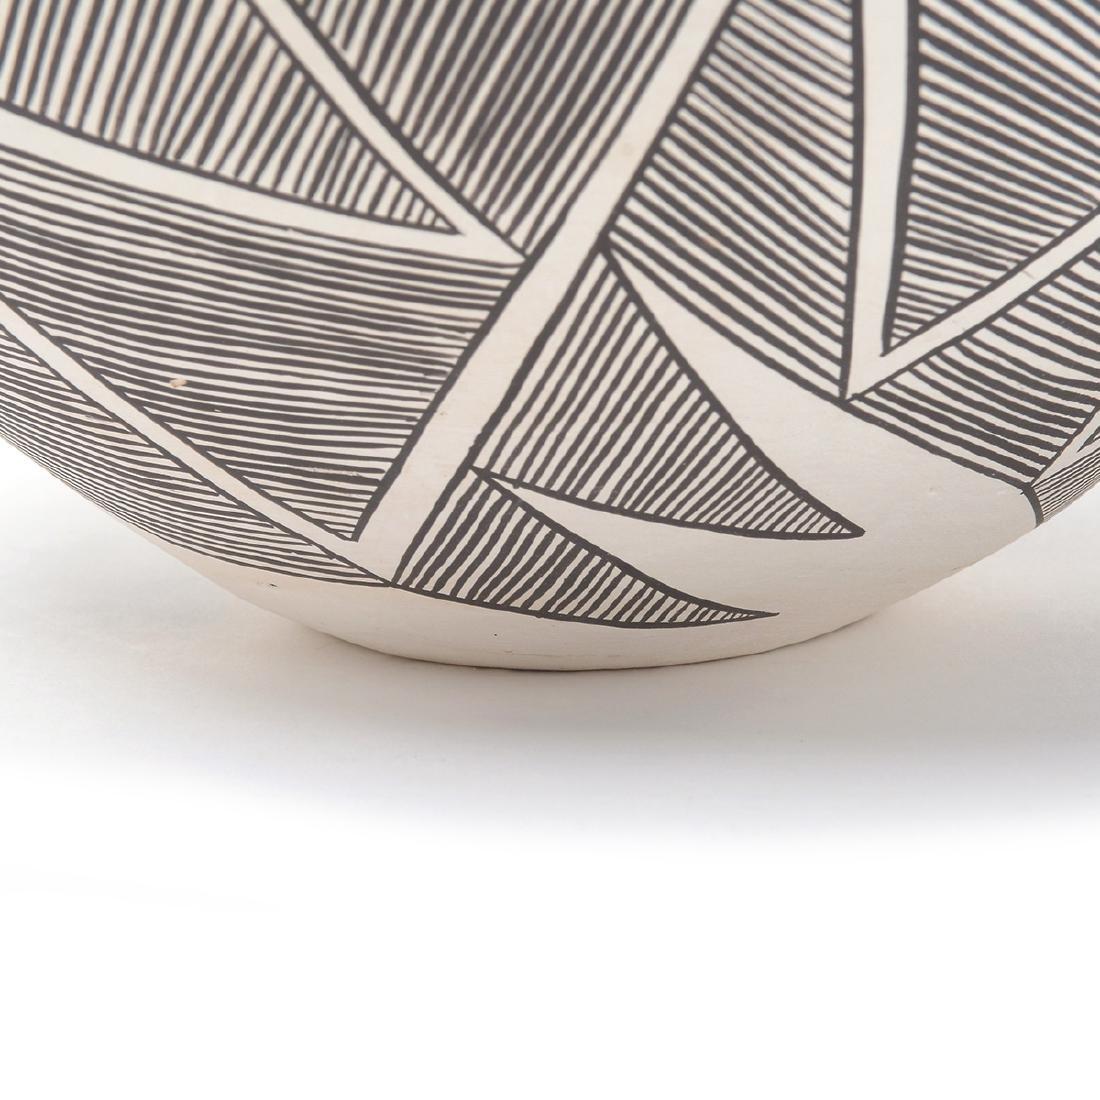 Acoma Geometric Vase with Lightning, B.Goncho, NM - 5